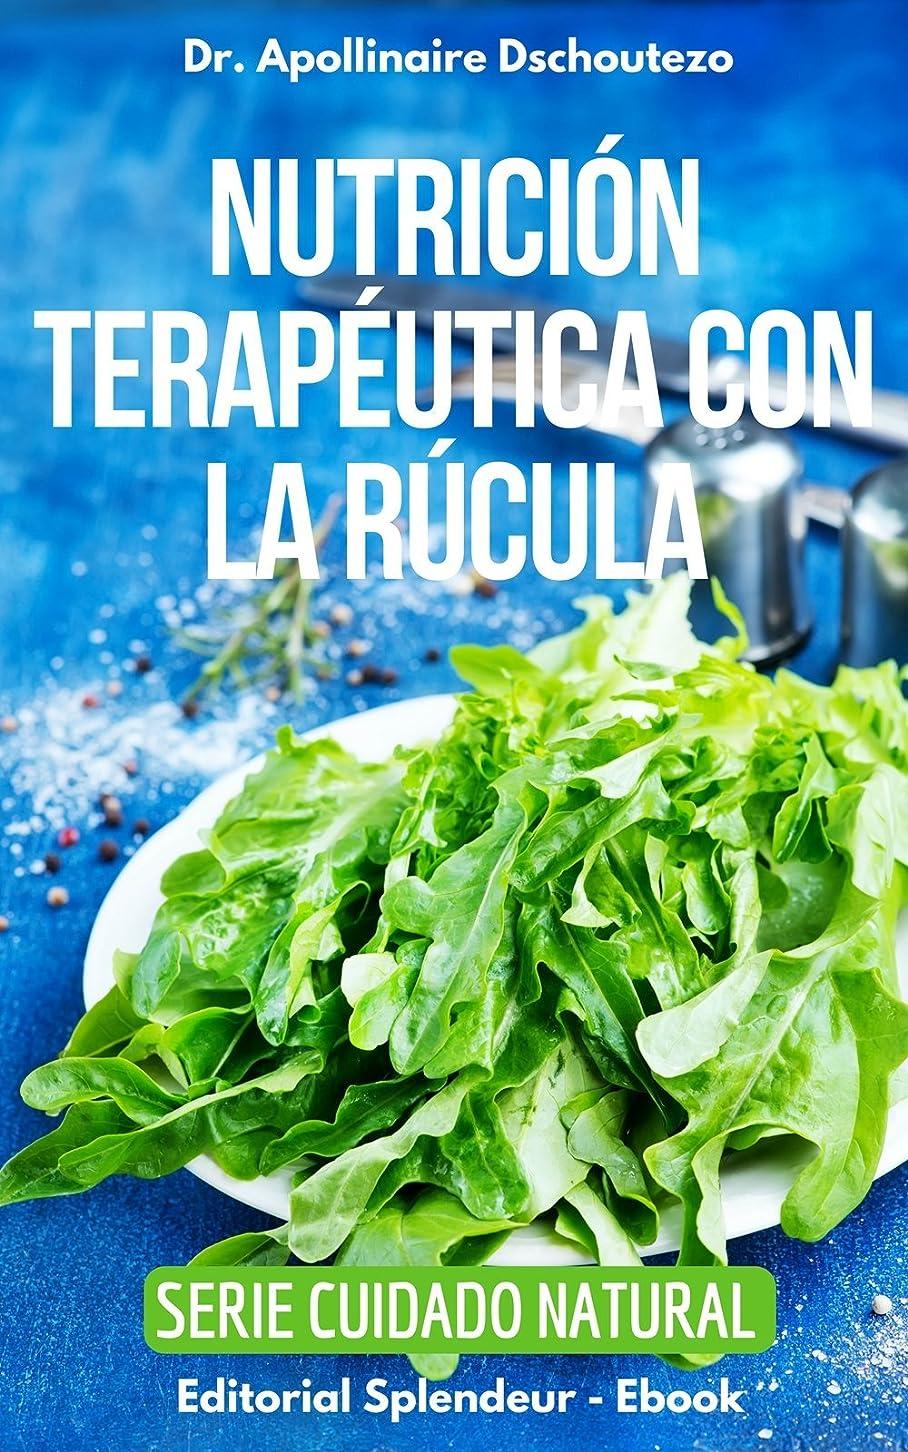 NUTRICIóN TERAPéUTICA CON LA RúCULA: Descubre los secretos de este superalimento. (Spanish Edition)